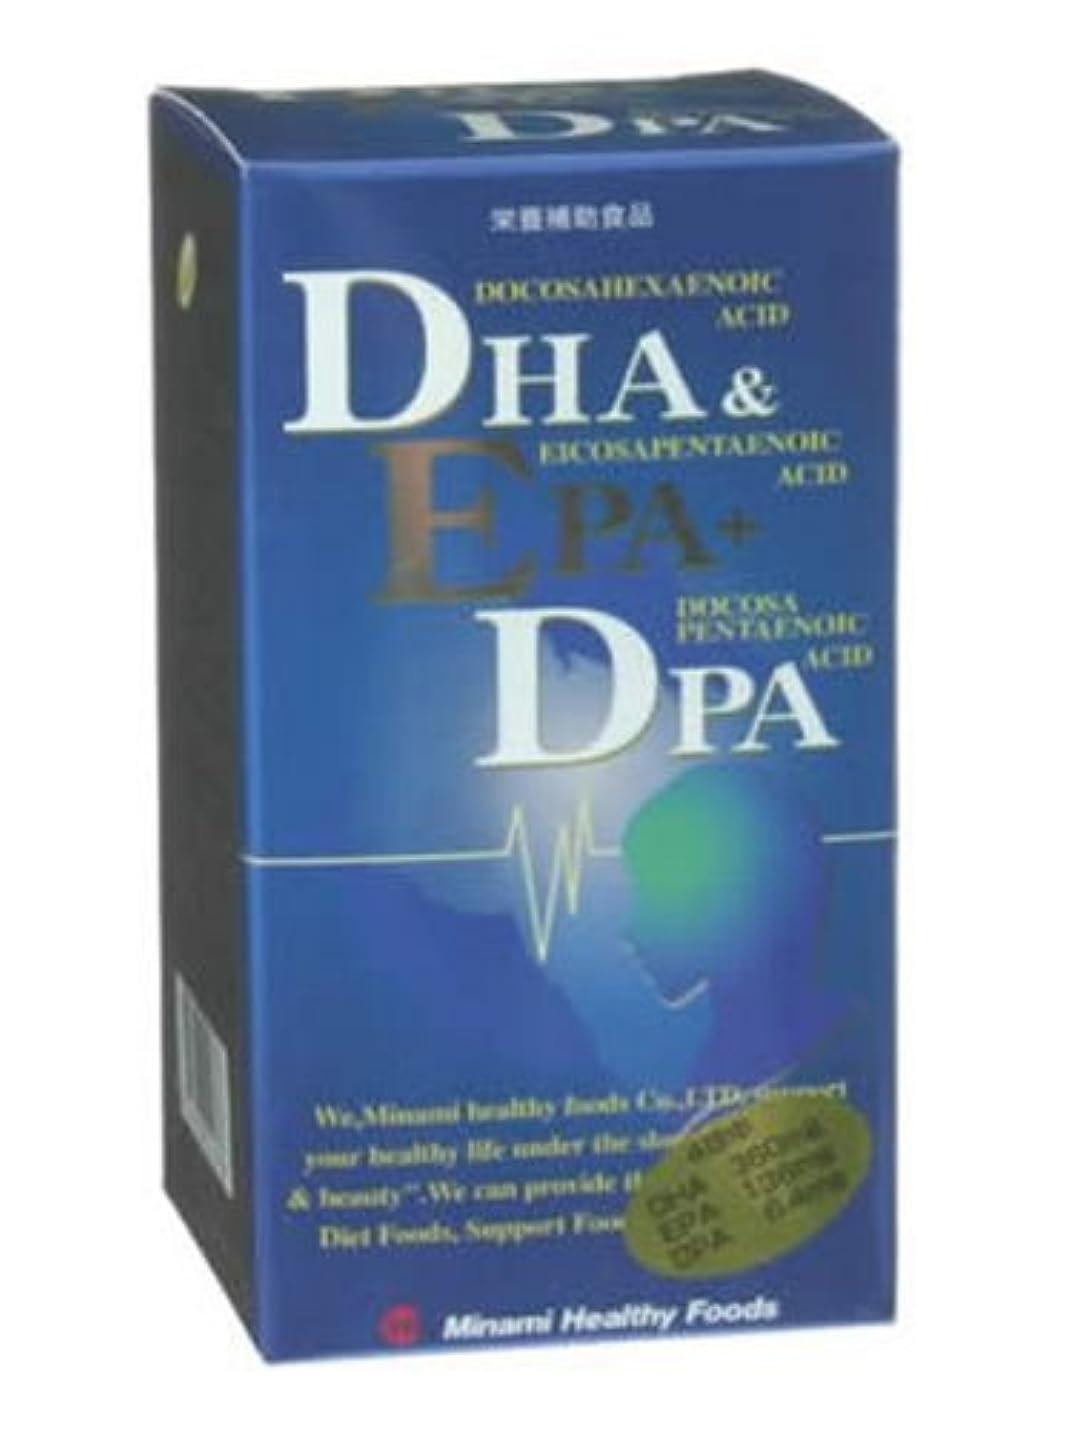 懐疑的ウェブ魔術師DHA&EPA+DPA 120粒 約30日分